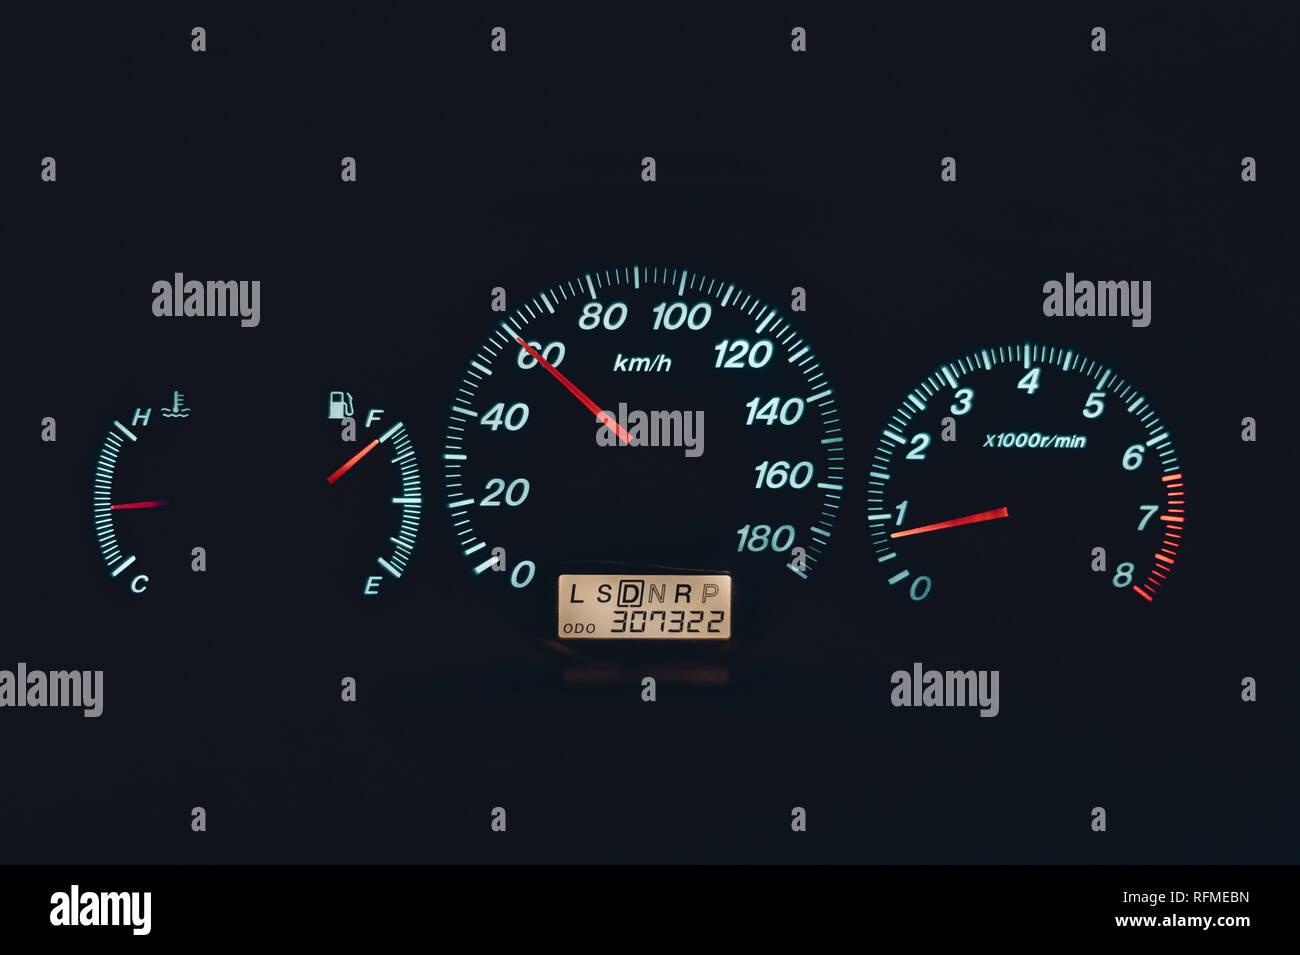 Regeln und Vorschriften zur Geschwindigkeit